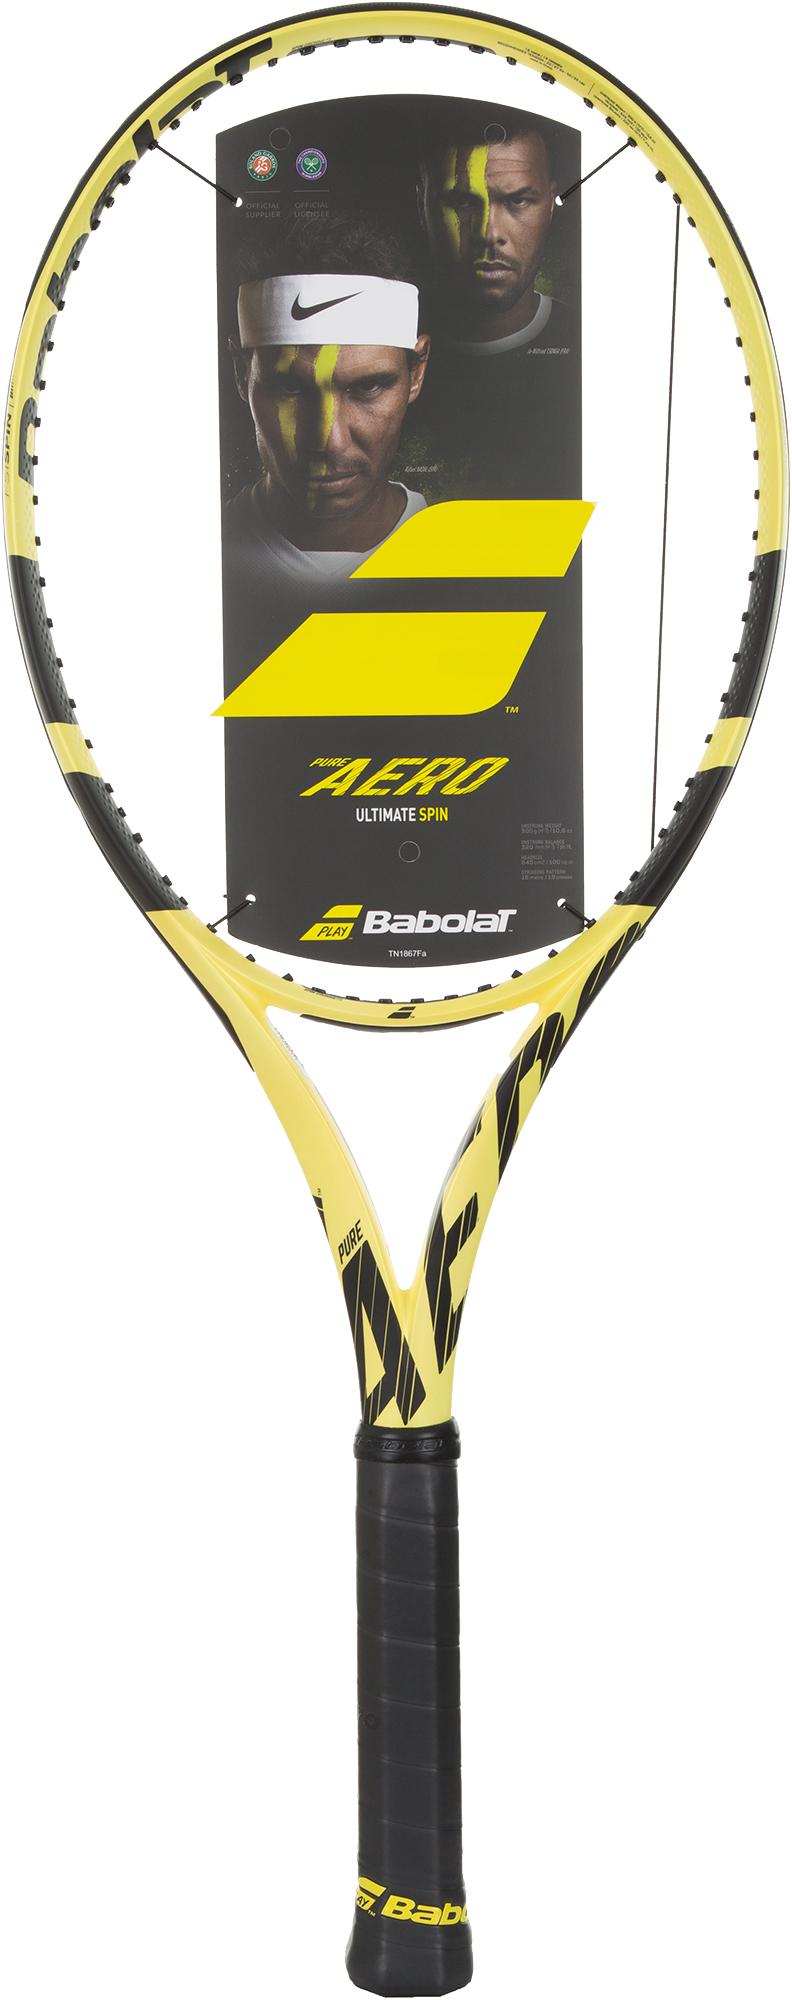 Babolat Ракетка для большого тенниса Babolat Pure Aero babolat ракетка для большого тенниса детская babolat aero junior 25 размер без размера